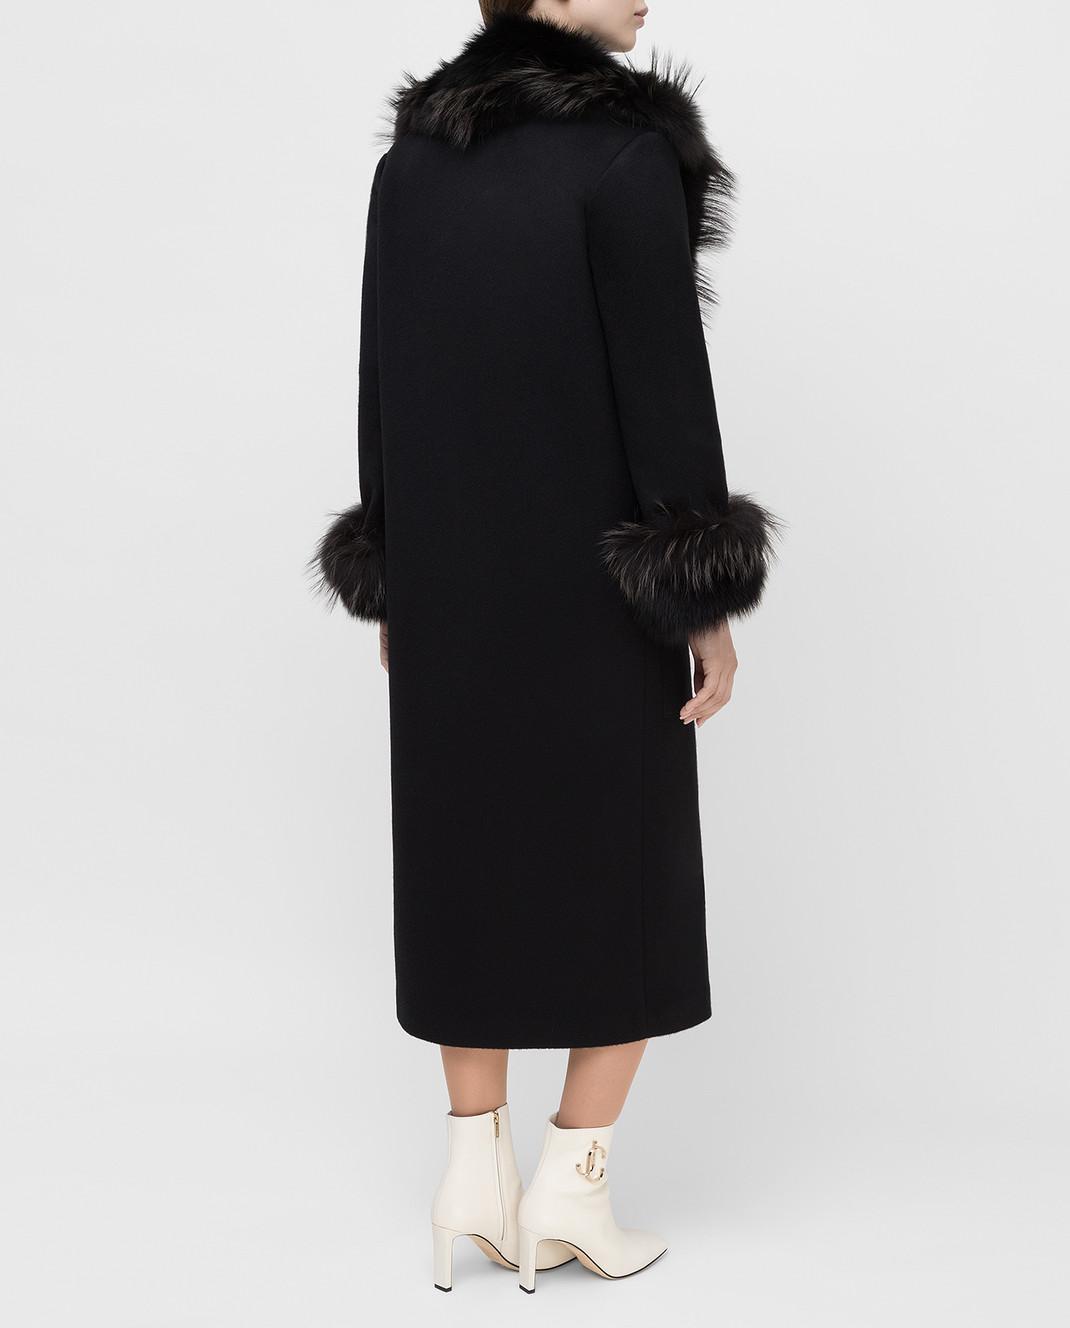 Rindi Черное пальто из кашемира с мехом лисы 277TE017 изображение 4